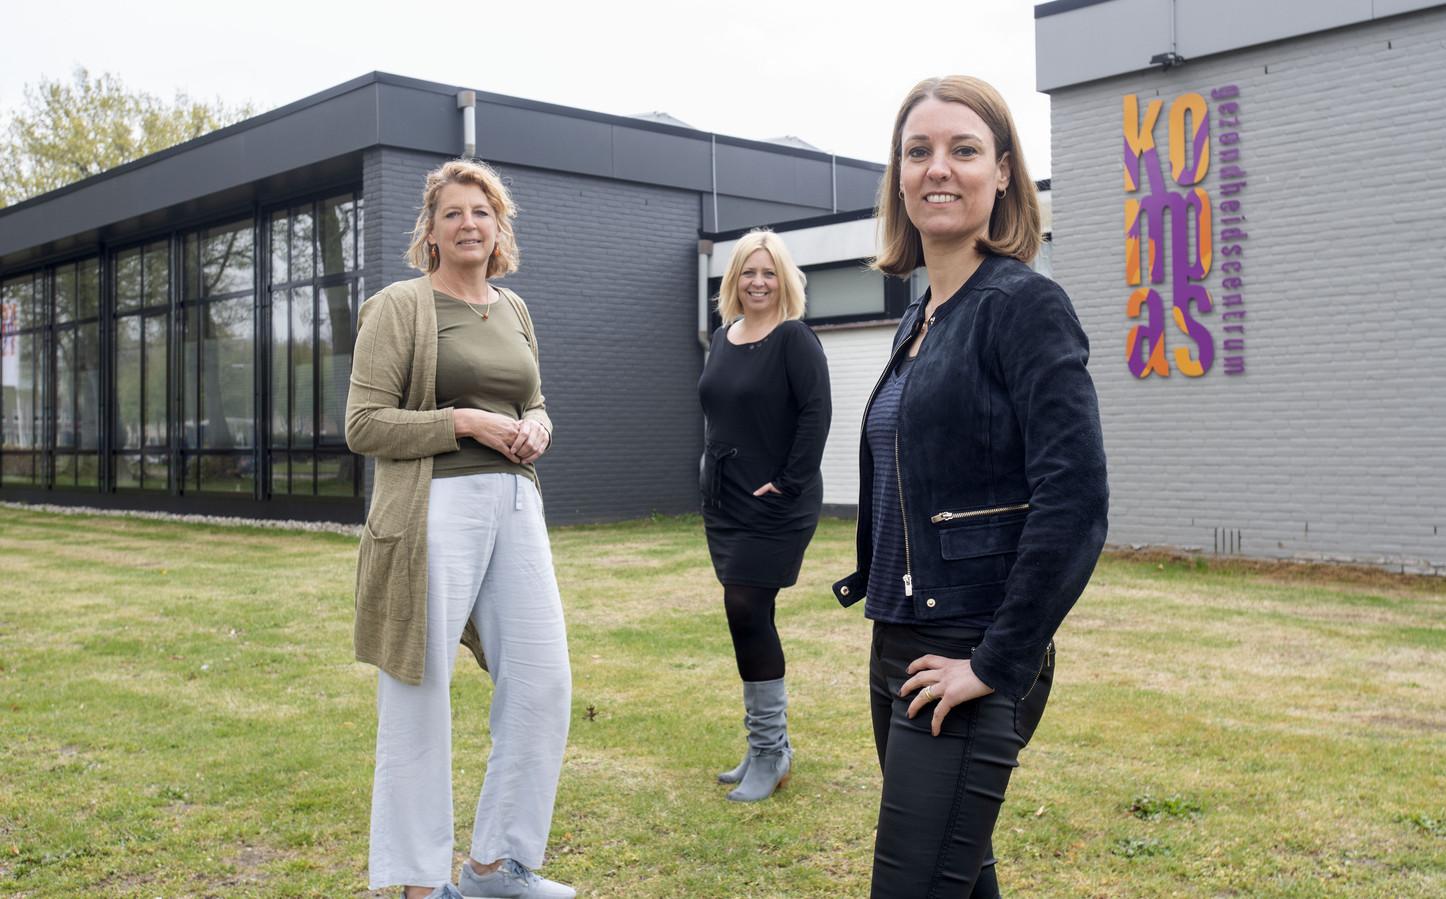 Het gezondheidscentrum in Groot Driene wordt uitgebreid. Vanaf links: huisarts Sandra Bruns, kinderfysiotherapeut Sandra Wezenberg en leefstijlcoach Annet Holtus-Rouweler.